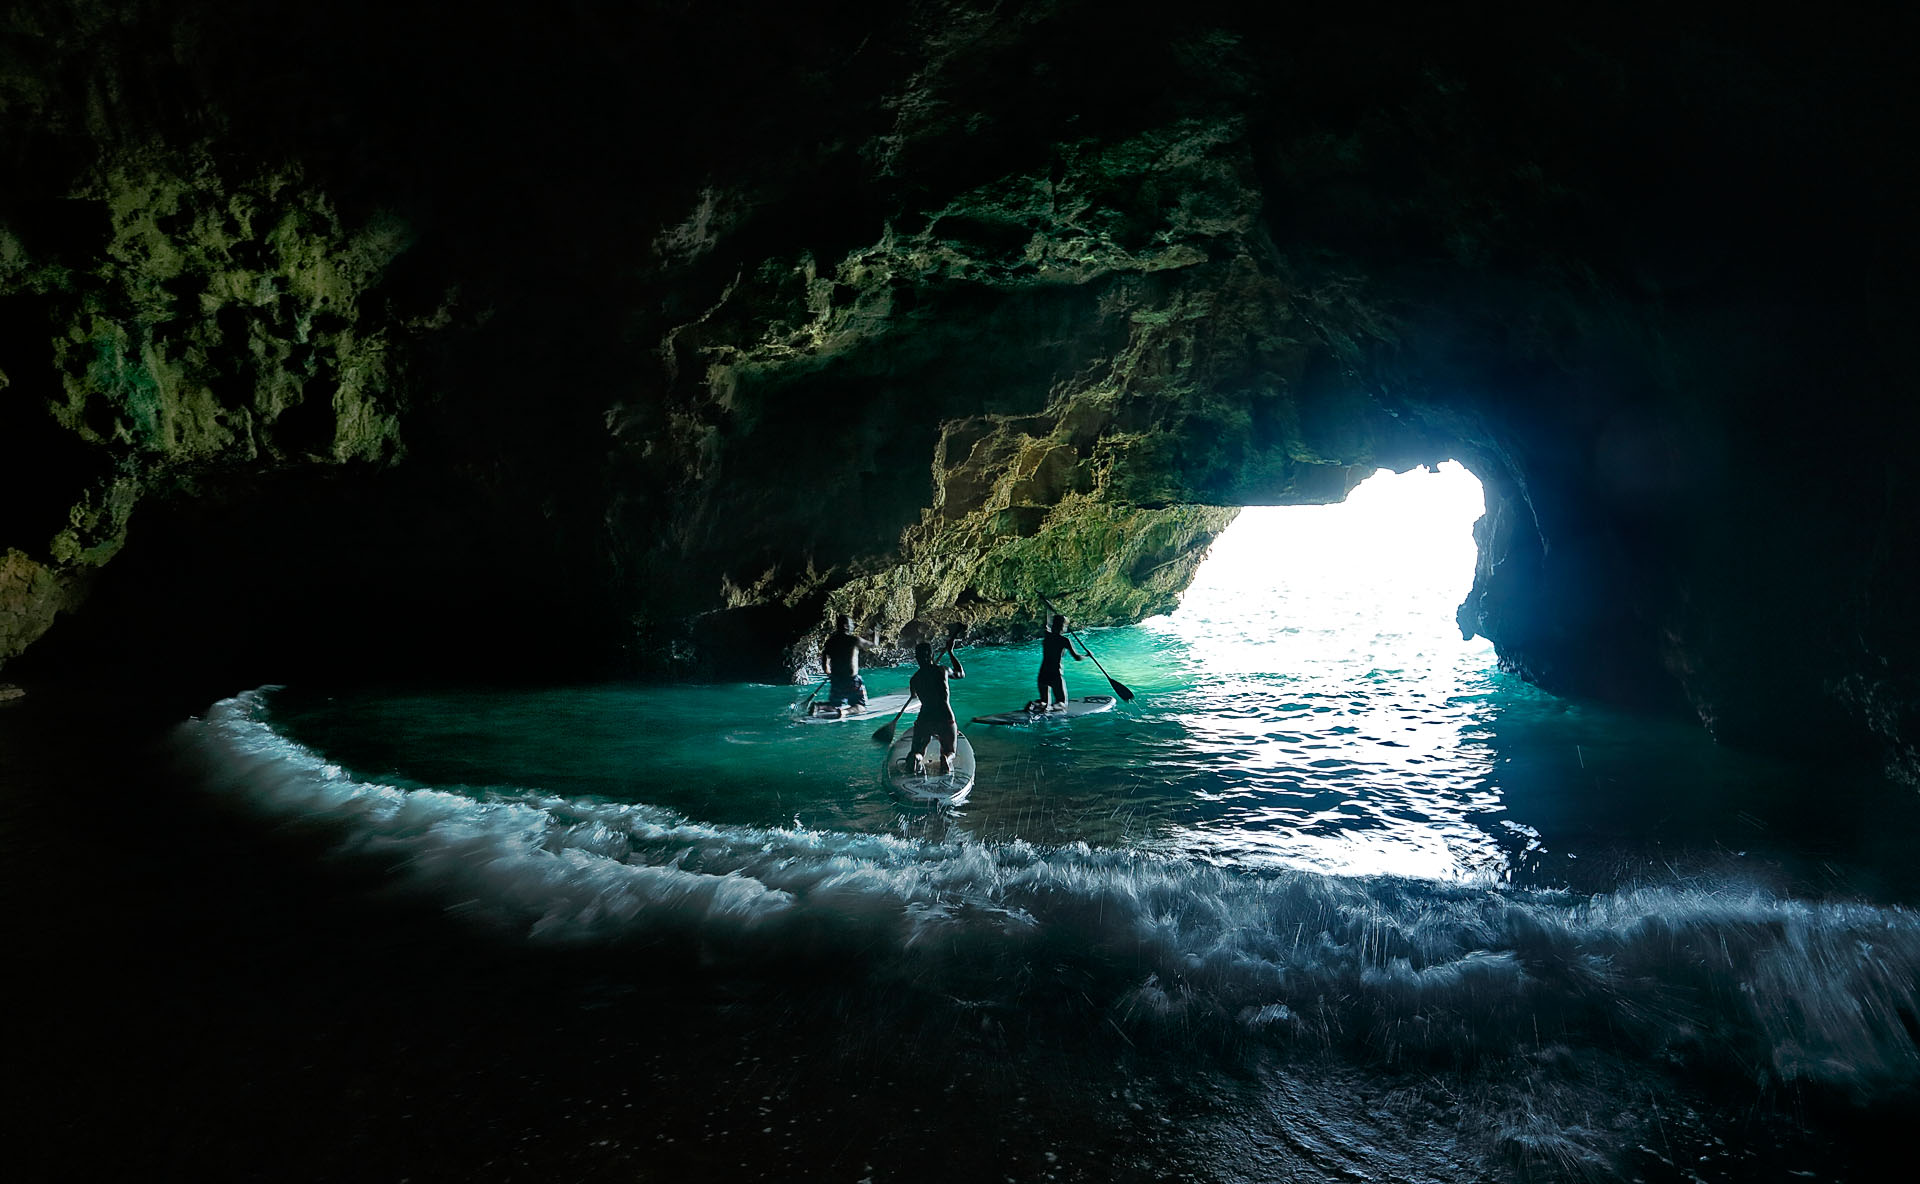 Acompanyament a la destinació i als empresaris turístics de la MIDIT amb la promoció i comercialització dels productes turístics de descoberta de les Terres de Mestral